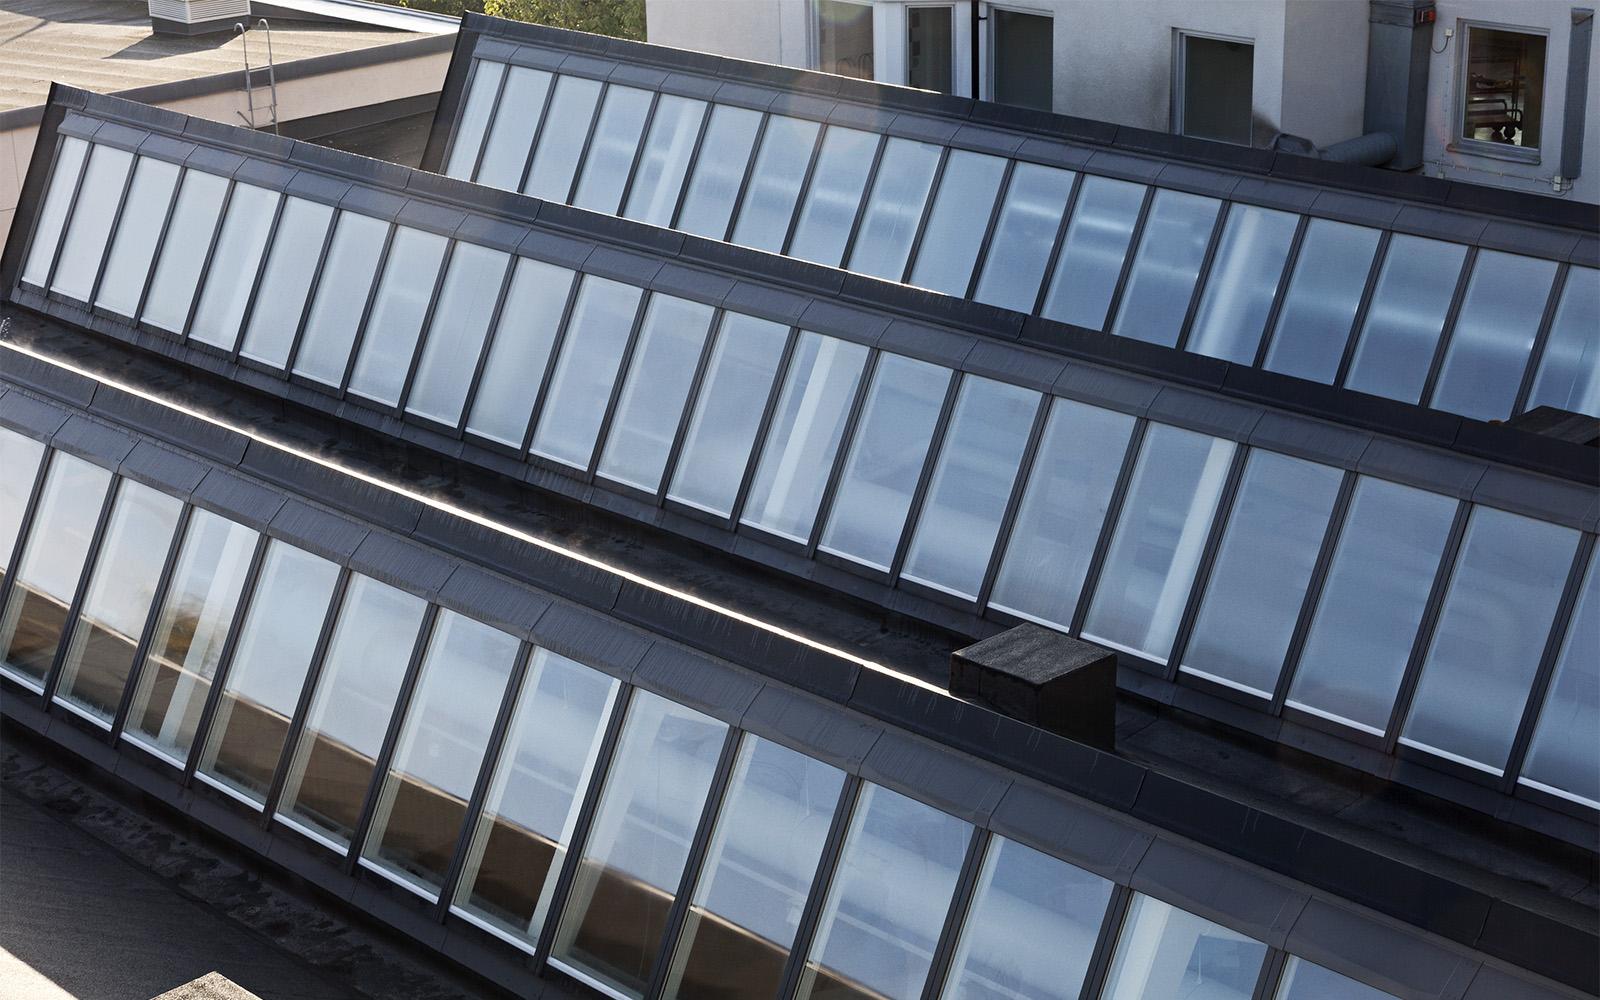 Verrières de toit à face nord et plafond en dents de scie du Sågbäcksgymnasiet au Danemark